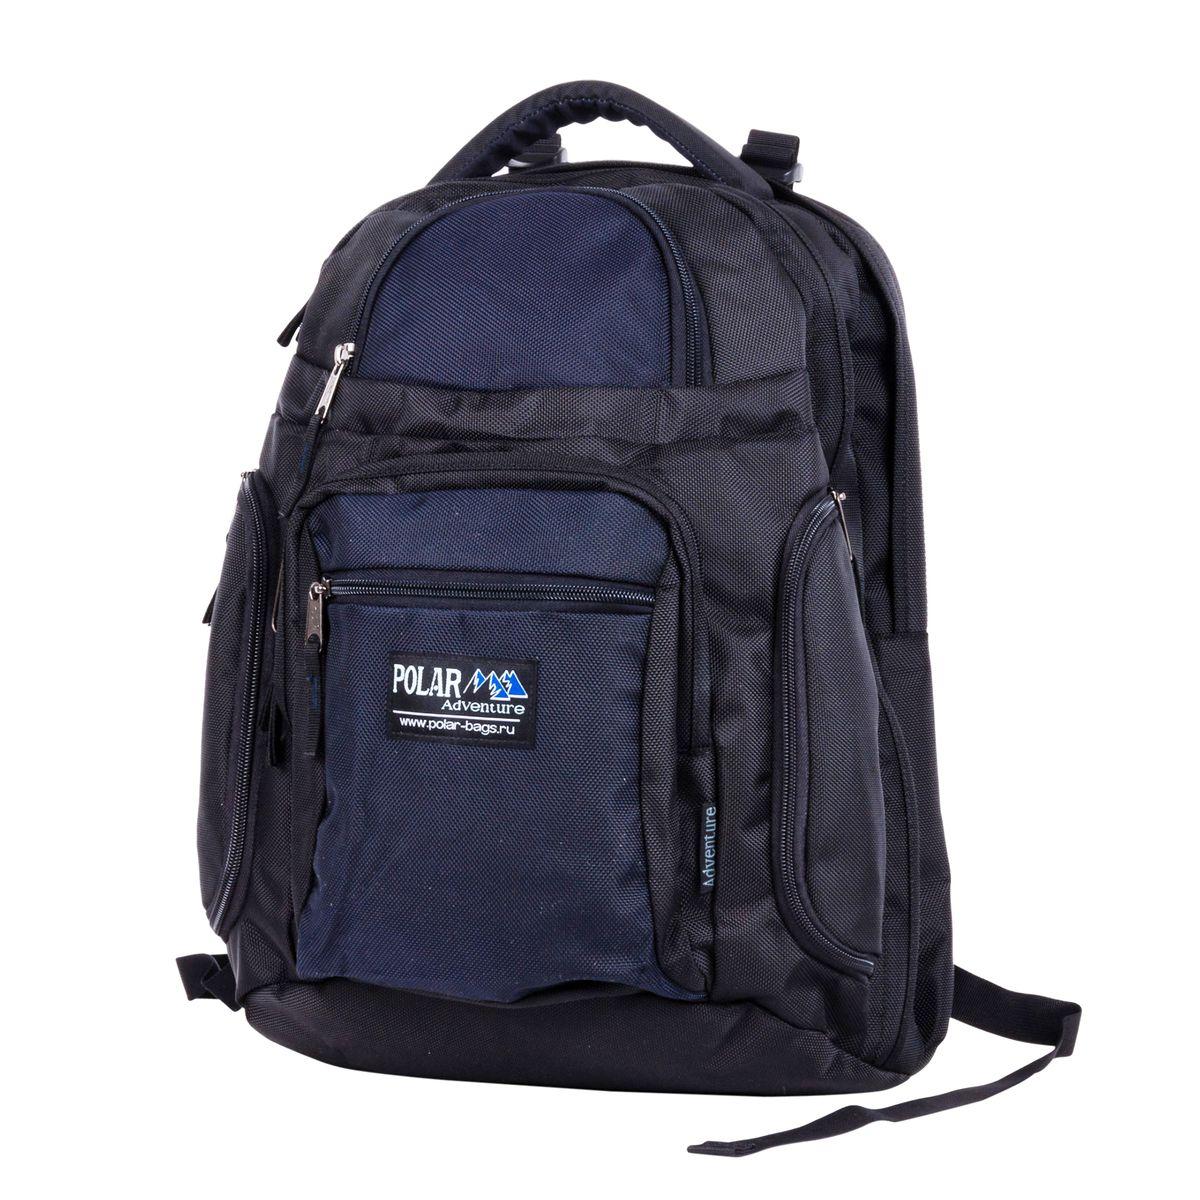 Рюкзак городской Polar, 35,5 л, цвет: синий. П1063-04MABLSEH10001Материал – высокопрочный полиэстер с водоотталкивающей пропиткой. Недорогой рюкзак для Вашего ноутбука. Жесткая спинка с вертикальными вставками из пены и трикотажной сетки для лучшей циркуляции воздуха, удобные лямки с дополнительной поясничной стяжкой, уменьшат нагрузку на спину и сделают рюкзак очень удобным и комфортным при эксплуатации. Отделение для ноутбука с дополнительными карманами для всего самого необходимого (зарядное устройство, мышка) + отделение для рабочих документов формата А4, папок или ваших вещей. Два боковых кармана на молнии. Вместительный карман с органайзером и карабином для ключей. Два кармана на молнии для мелких предметов. Вместительный и очень удобный рюкзак позволит вам взять с собой все необходимое как для вашего портативного компьютера, так и для себя. Материал: Cordura PU 1000D.